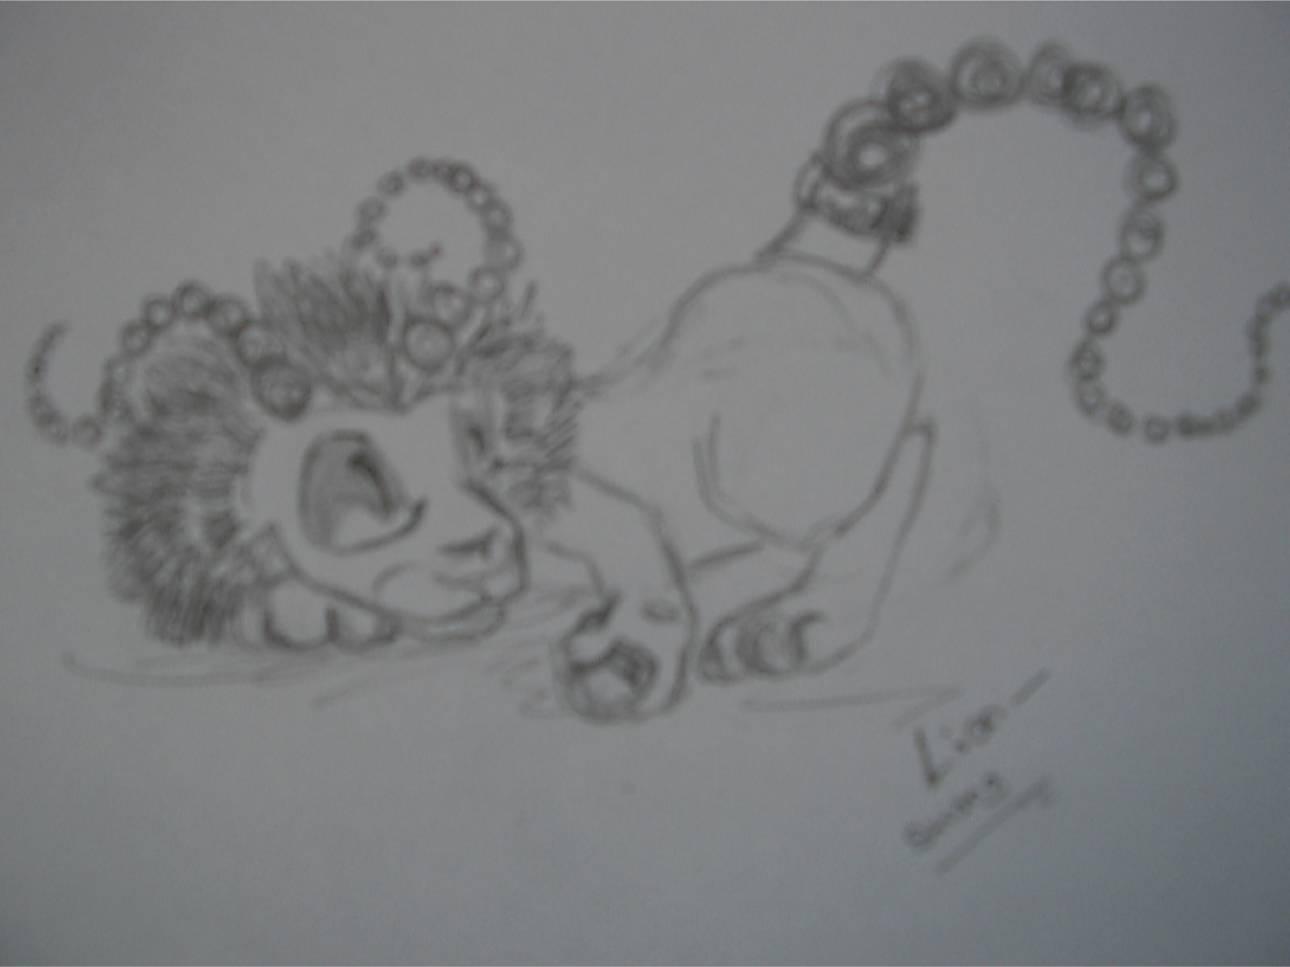 Zodiac Sign Leo by FiGhTeRwOlF